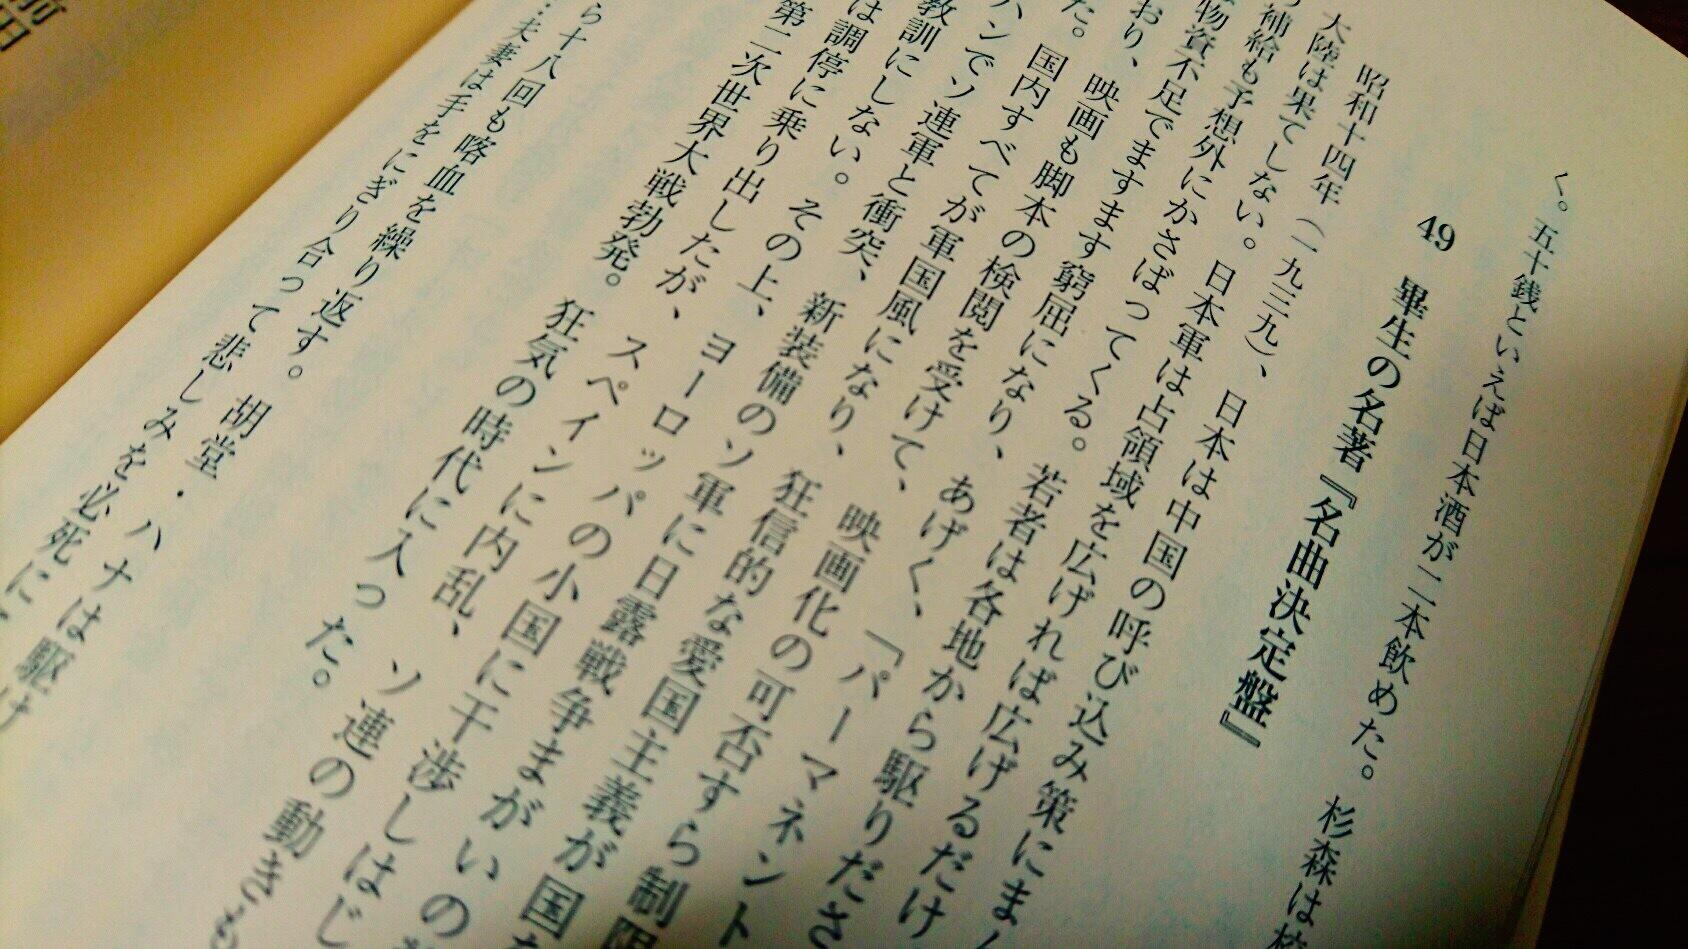 再読_c0202101_00283431.jpg